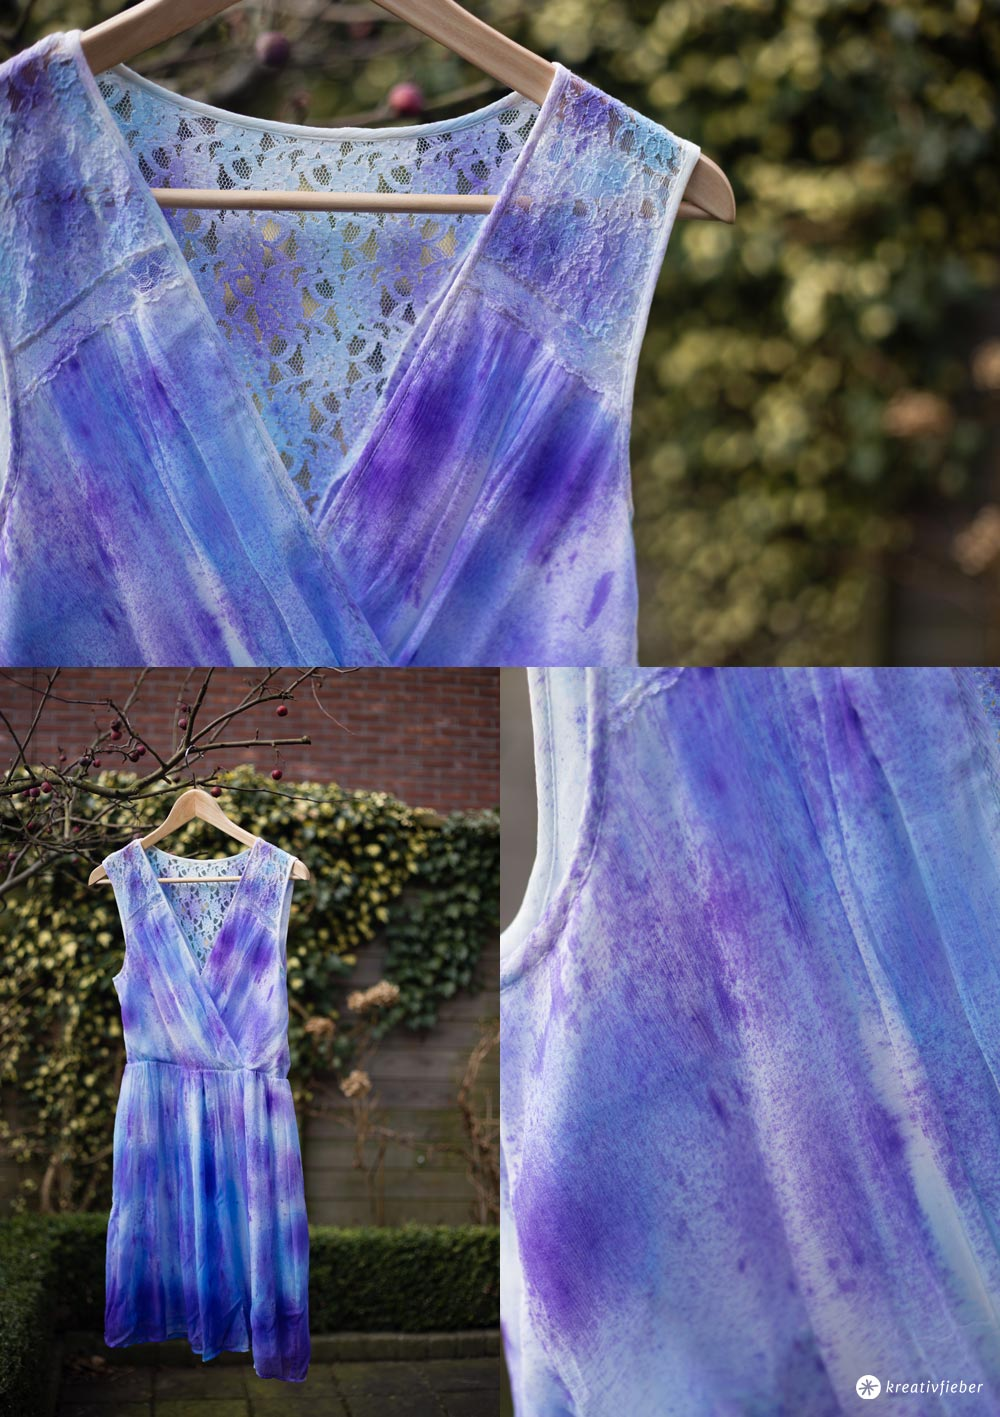 DIY Kleid Upcycling mit Seidenfarbe - So einfach lassen sich Textilien färben - Kreativfieber